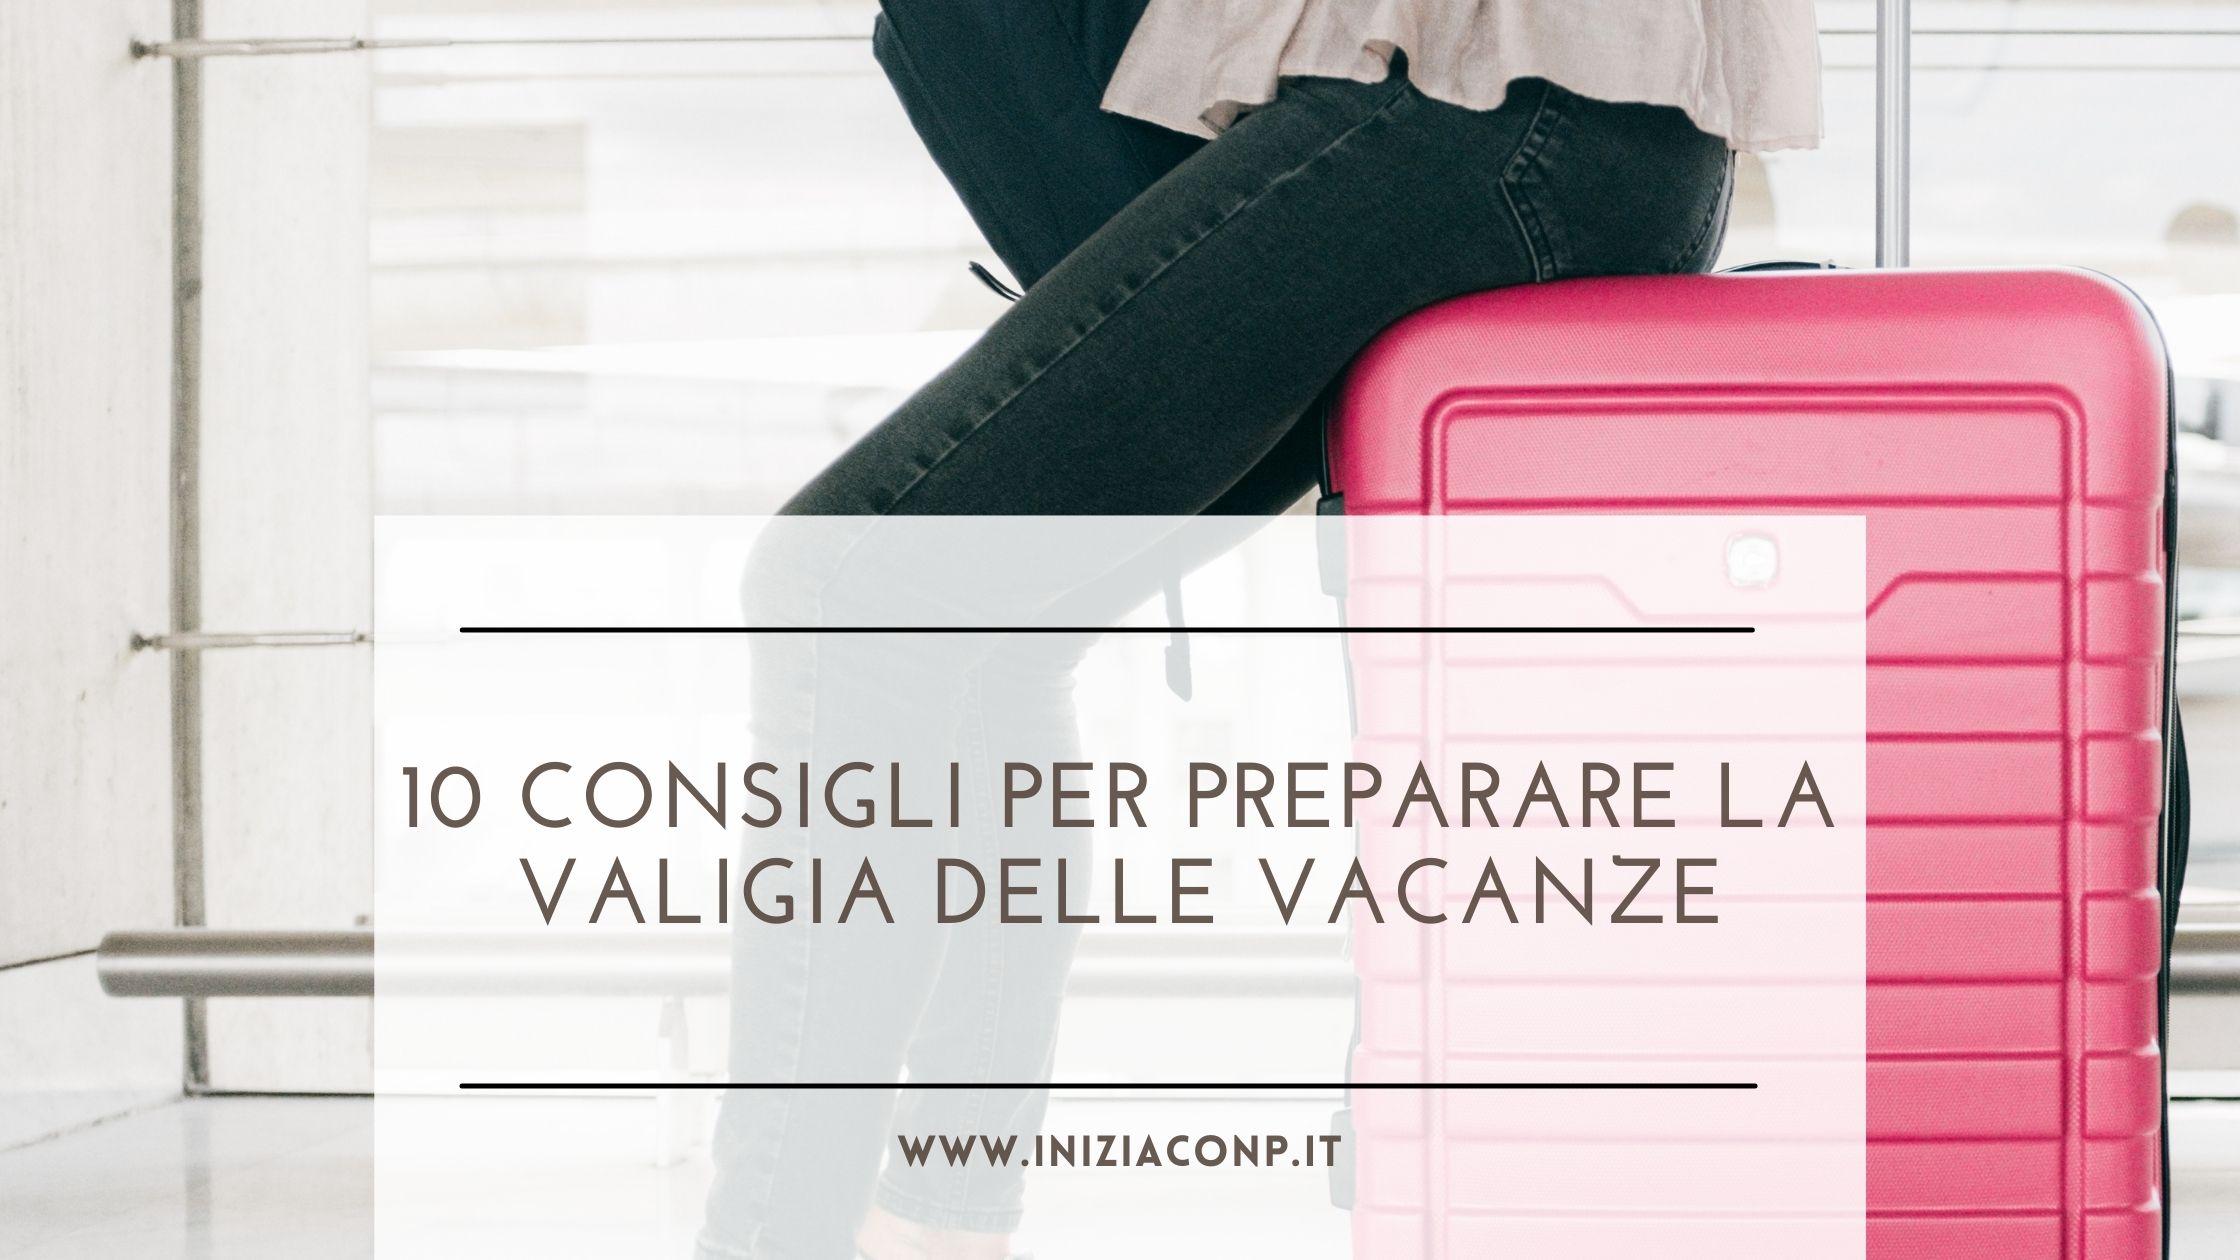 organizzare la valigia delle vacanze